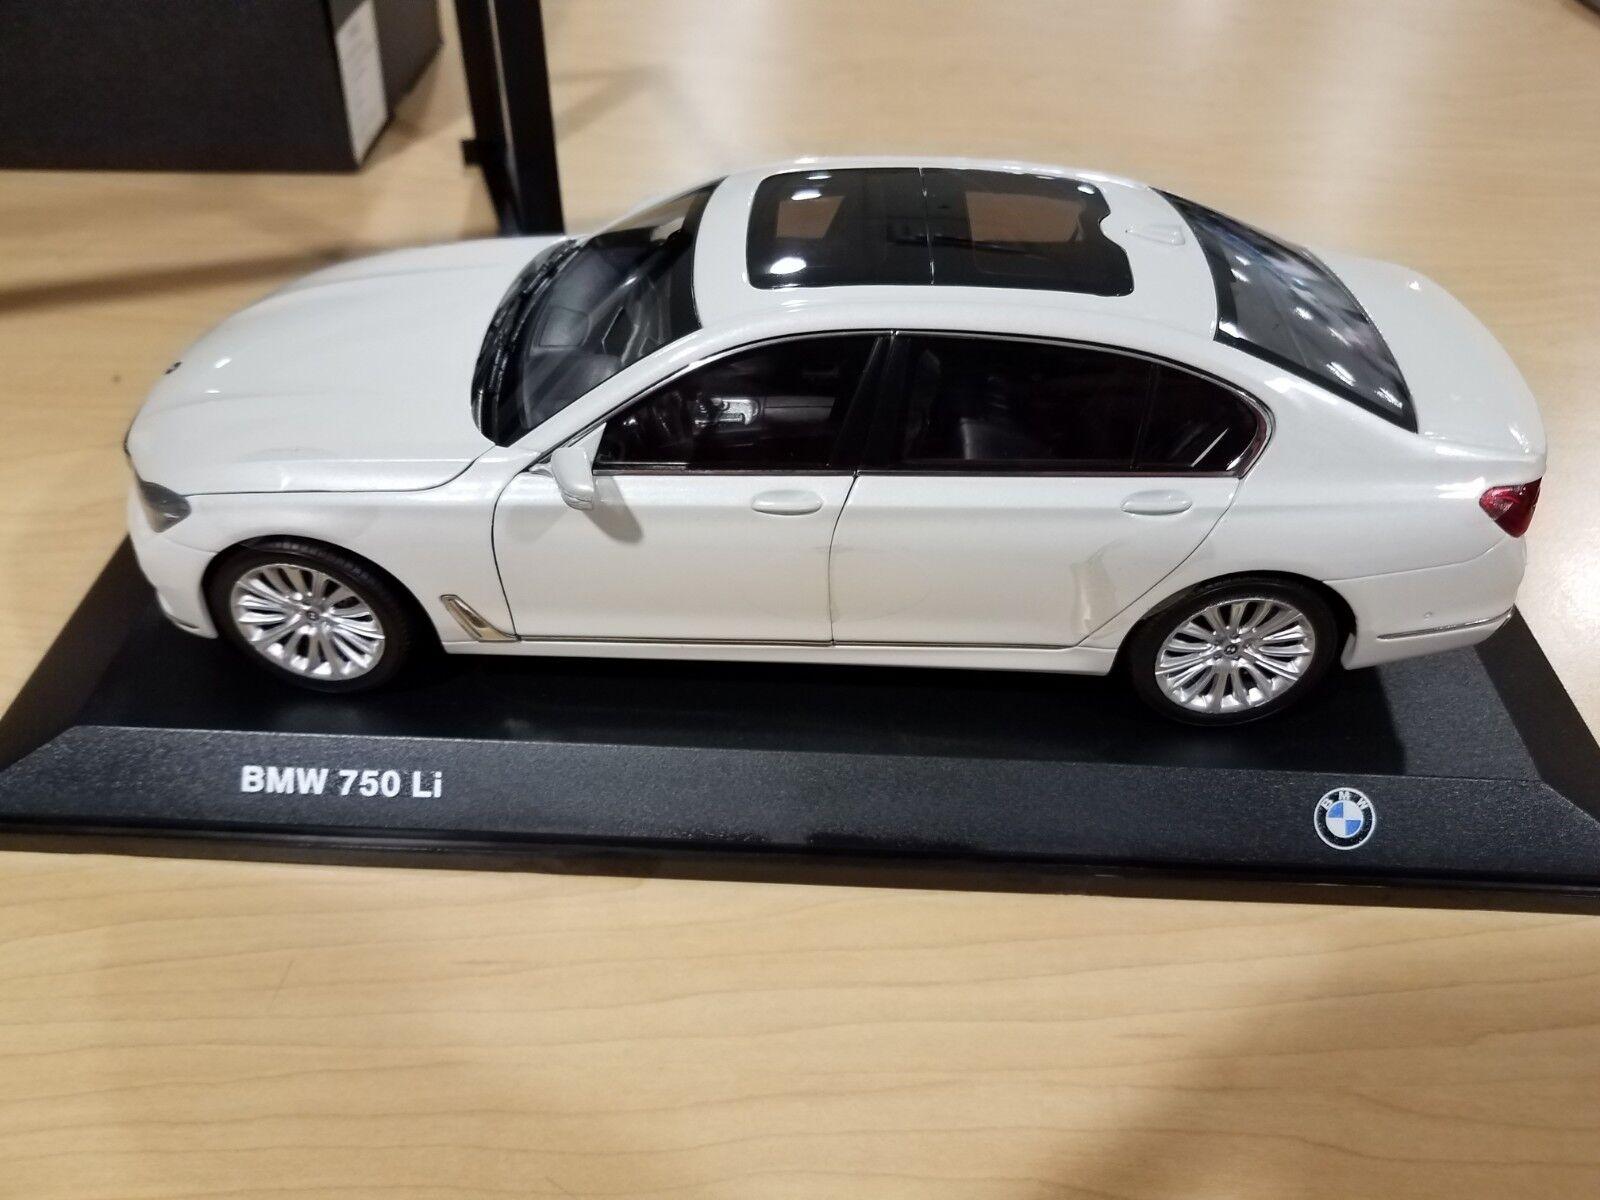 comprar barato BMW G12 750Li 1 18 Escala Escala Escala Modelo Coche Miniatura Coleccionables blancoo 80432405587  barato